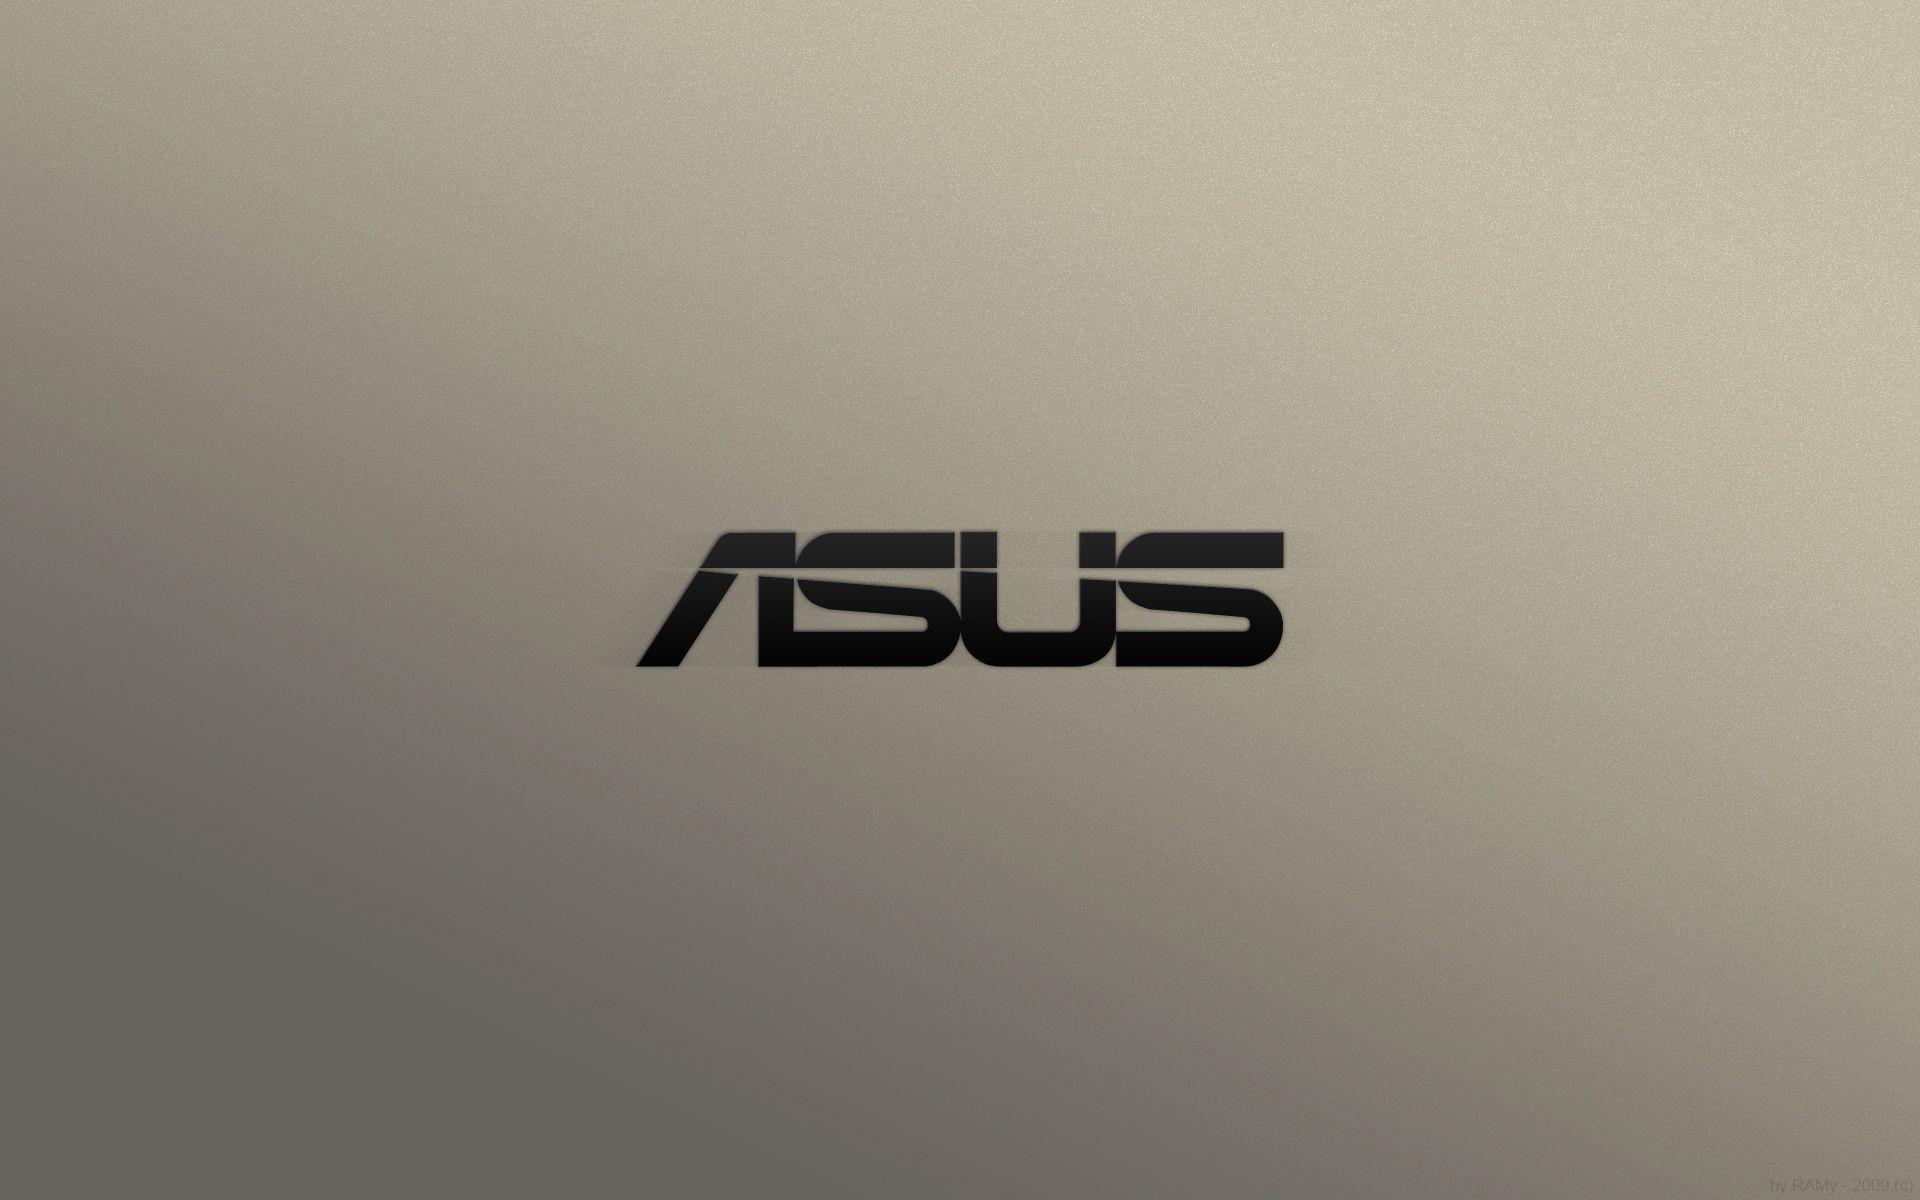 Asus HD Wallpapers Wallpaper